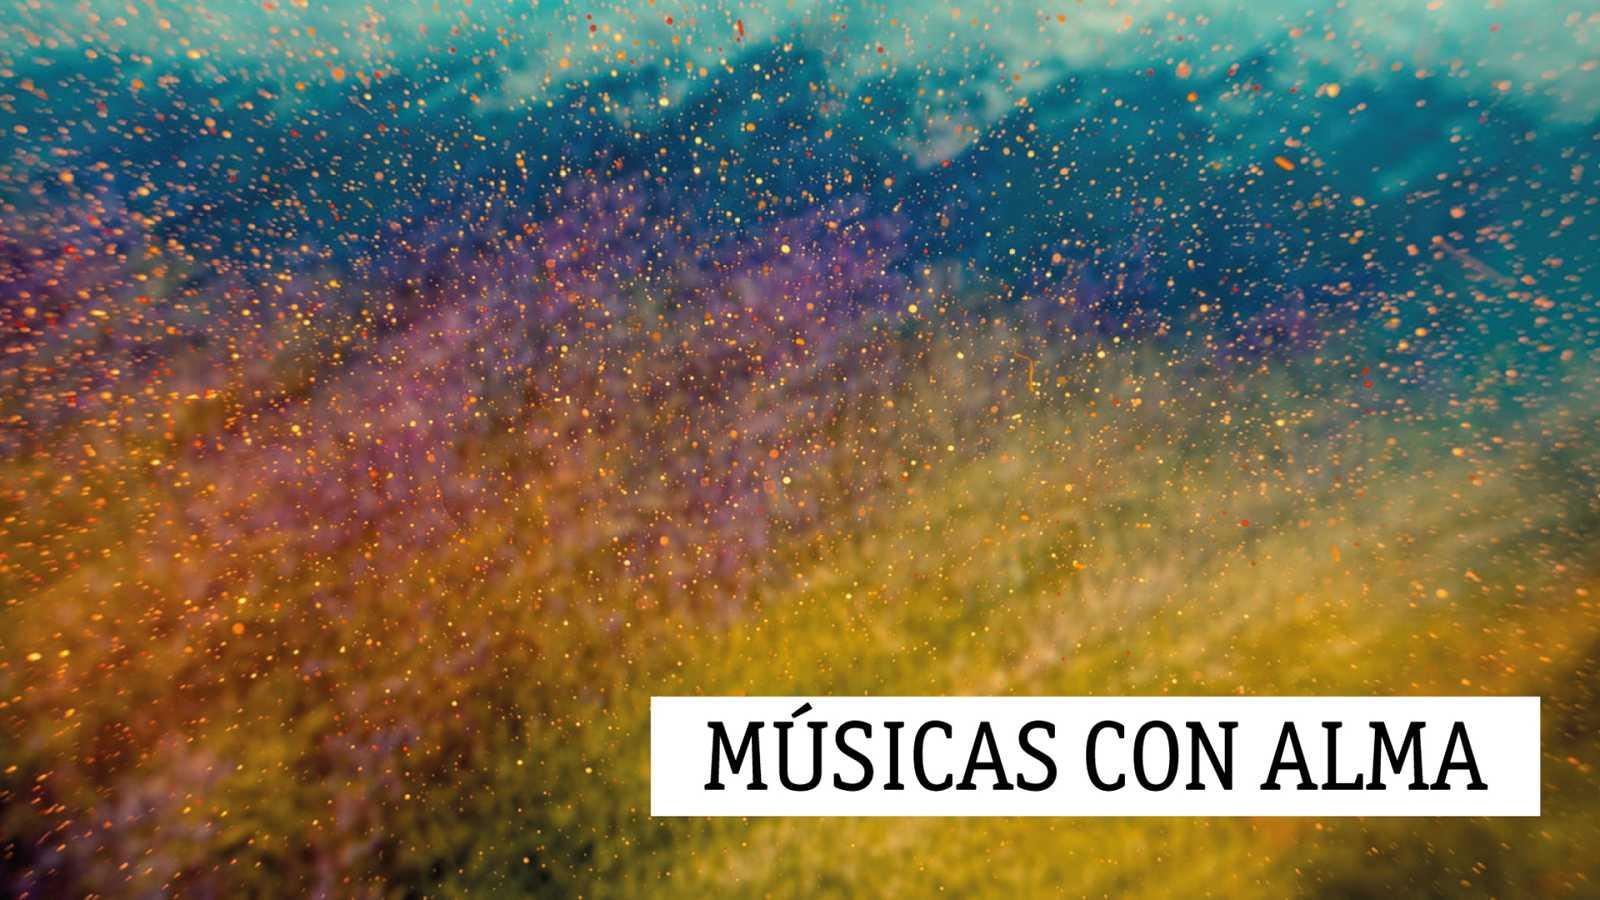 Músicas con alma - Mariposa - 19/02/21